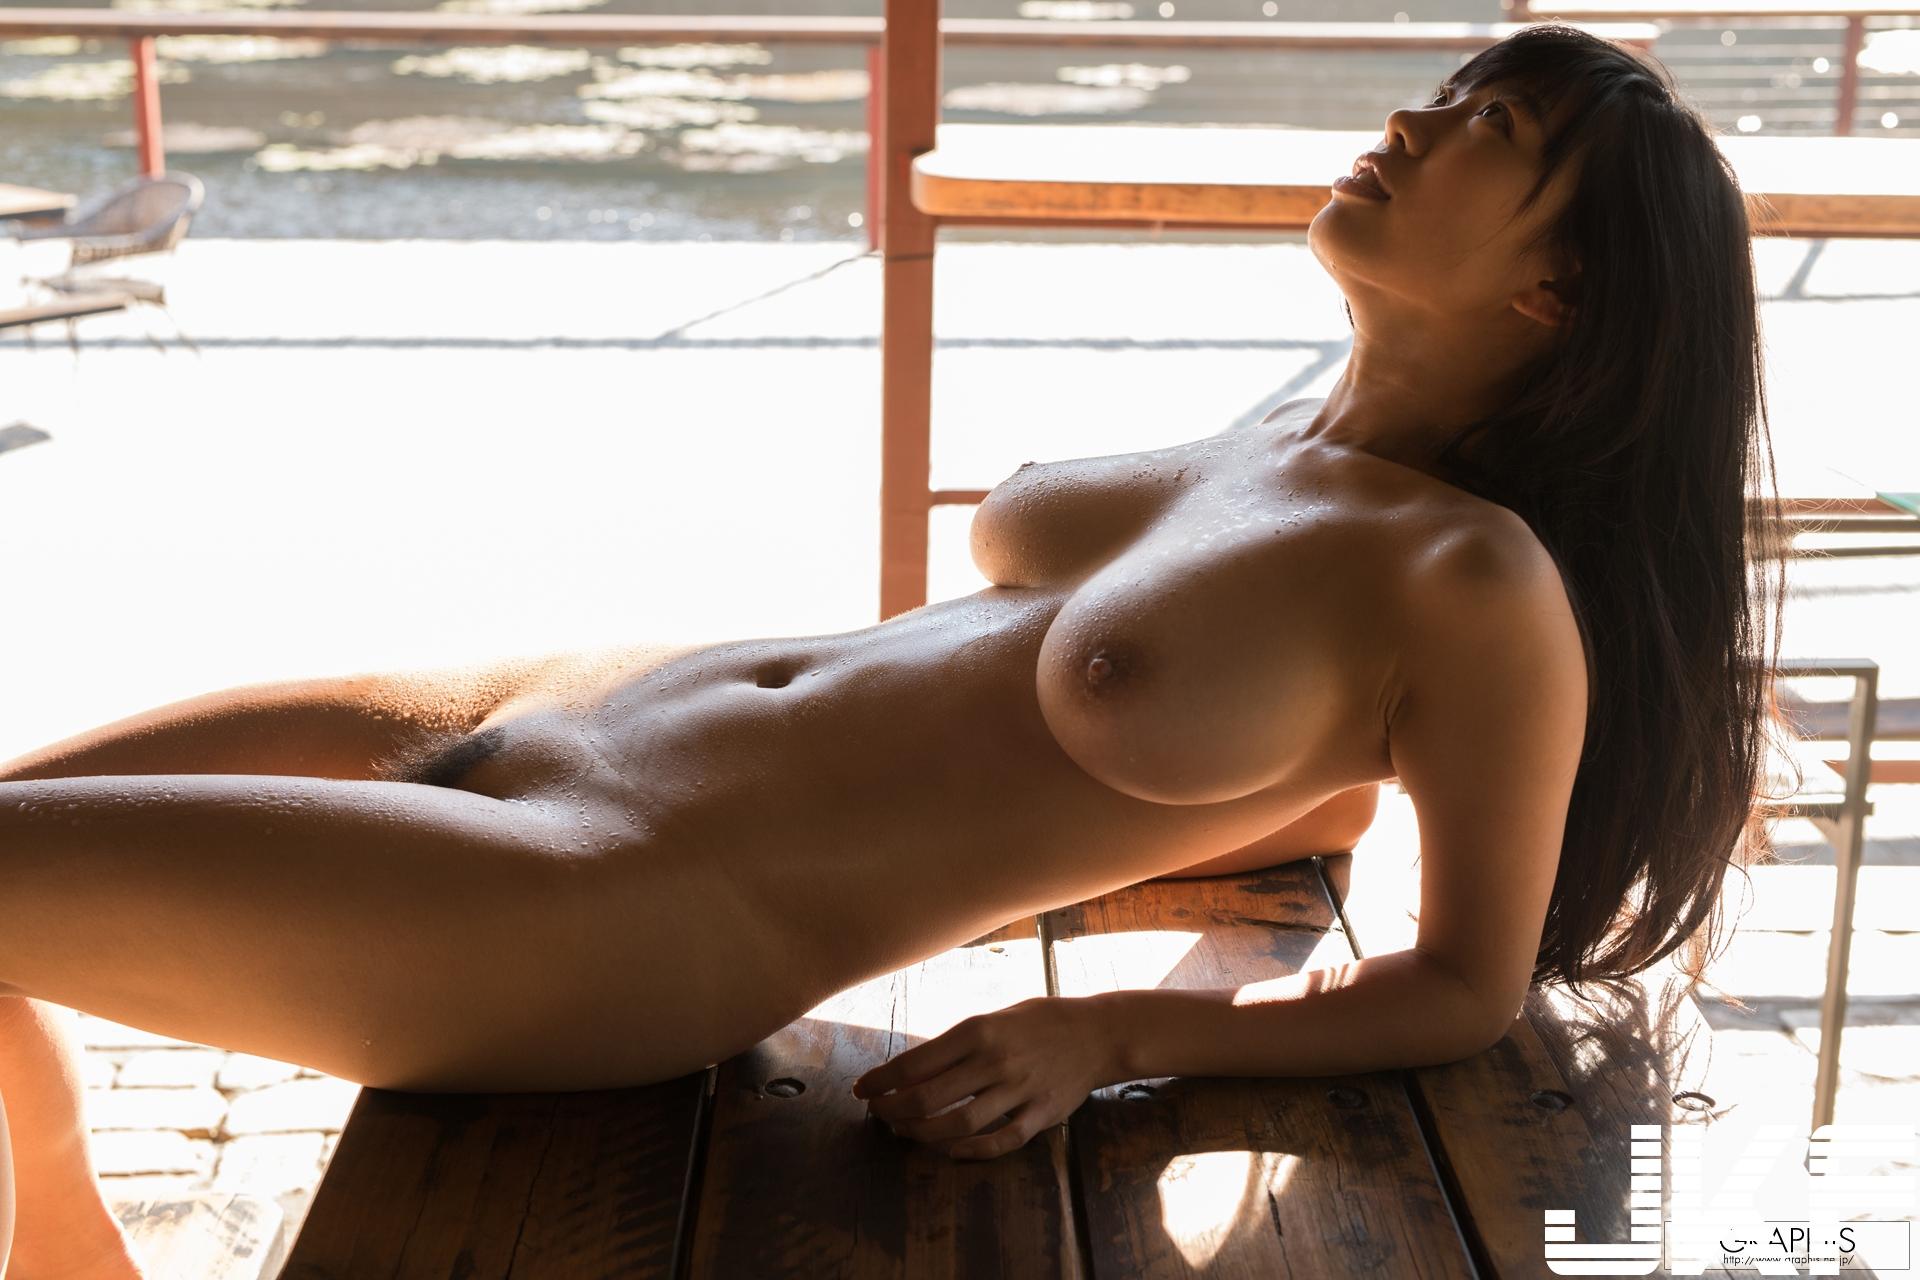 gra_matsuri-k3159.jpg